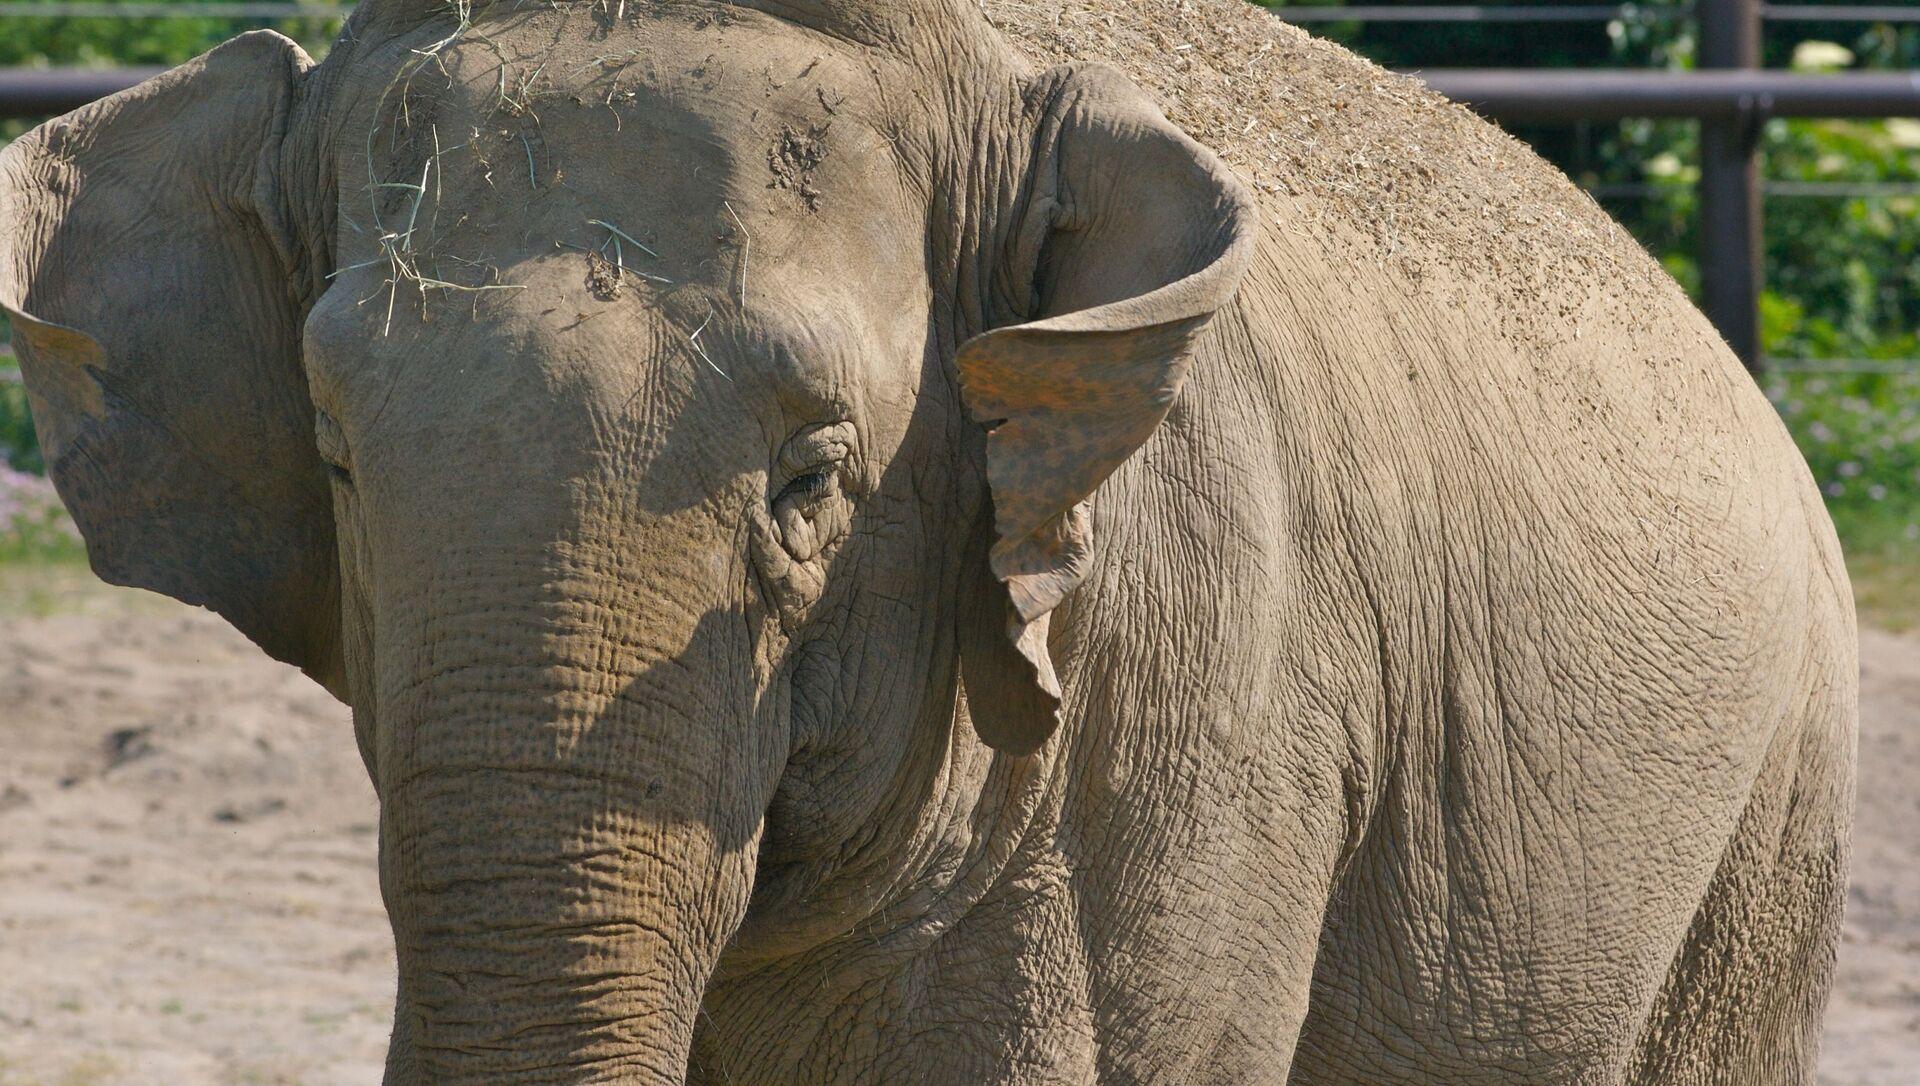 Un éléphant d'Asie (image d'illustration) - Sputnik France, 1920, 17.08.2021